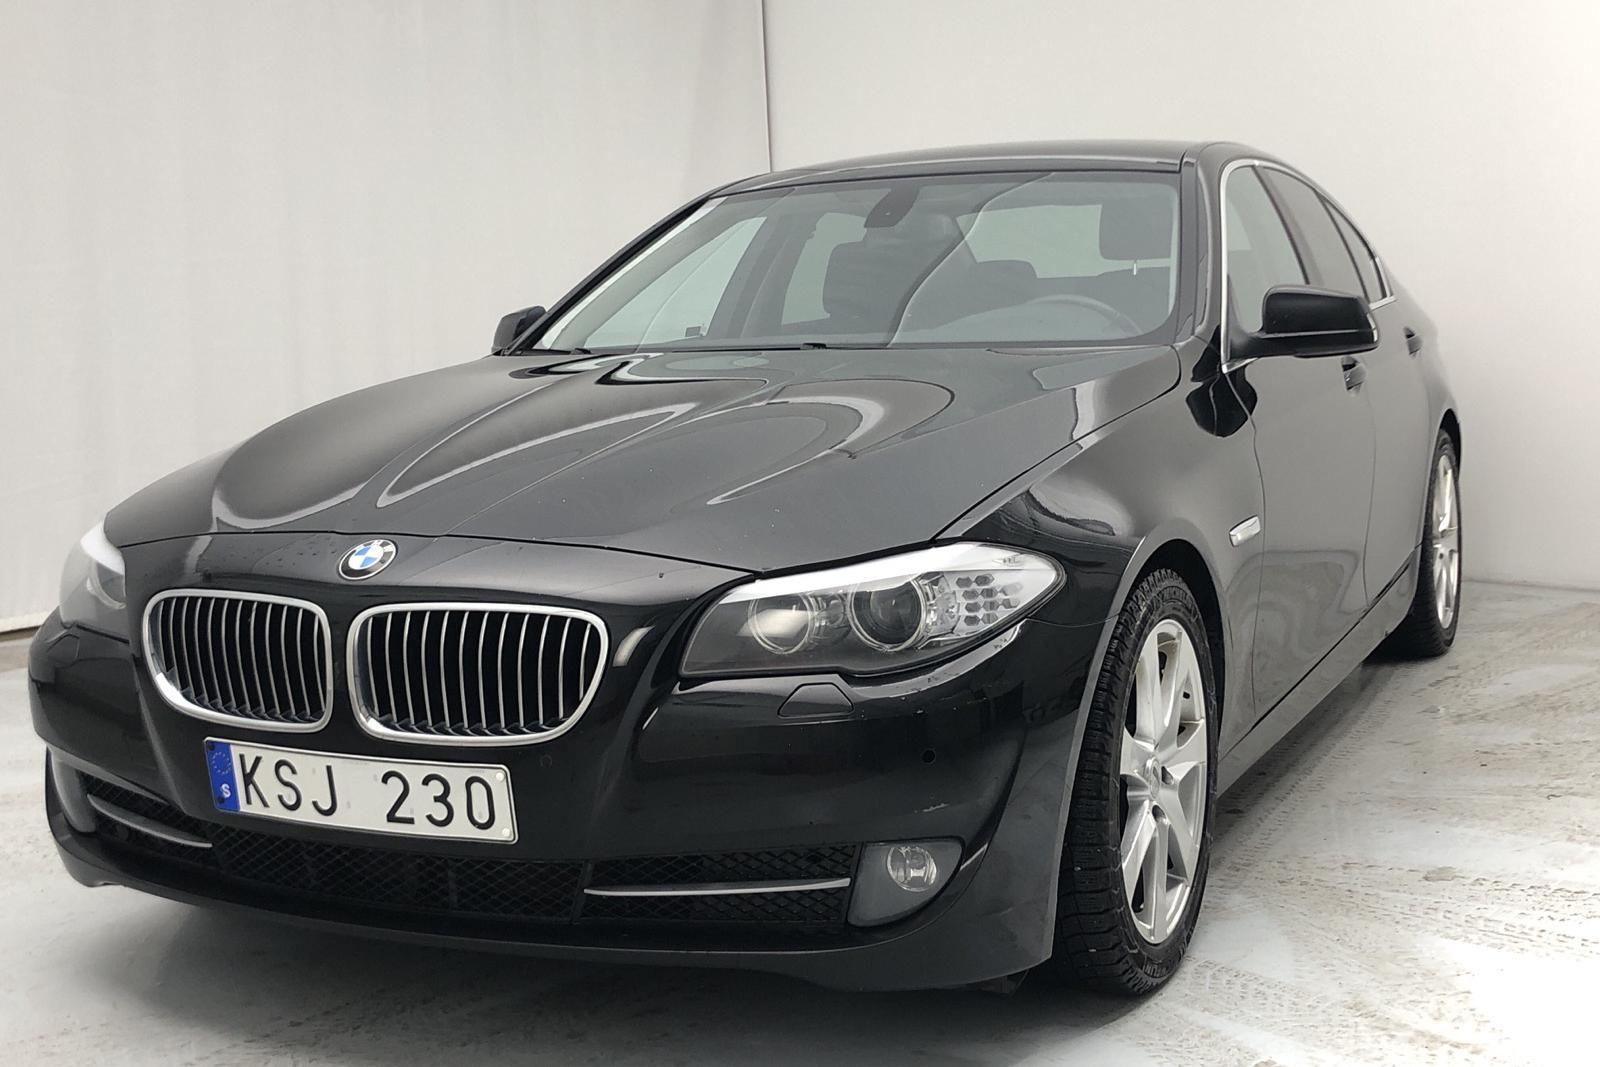 BMW 525d Limousine, F10 (204 PS)